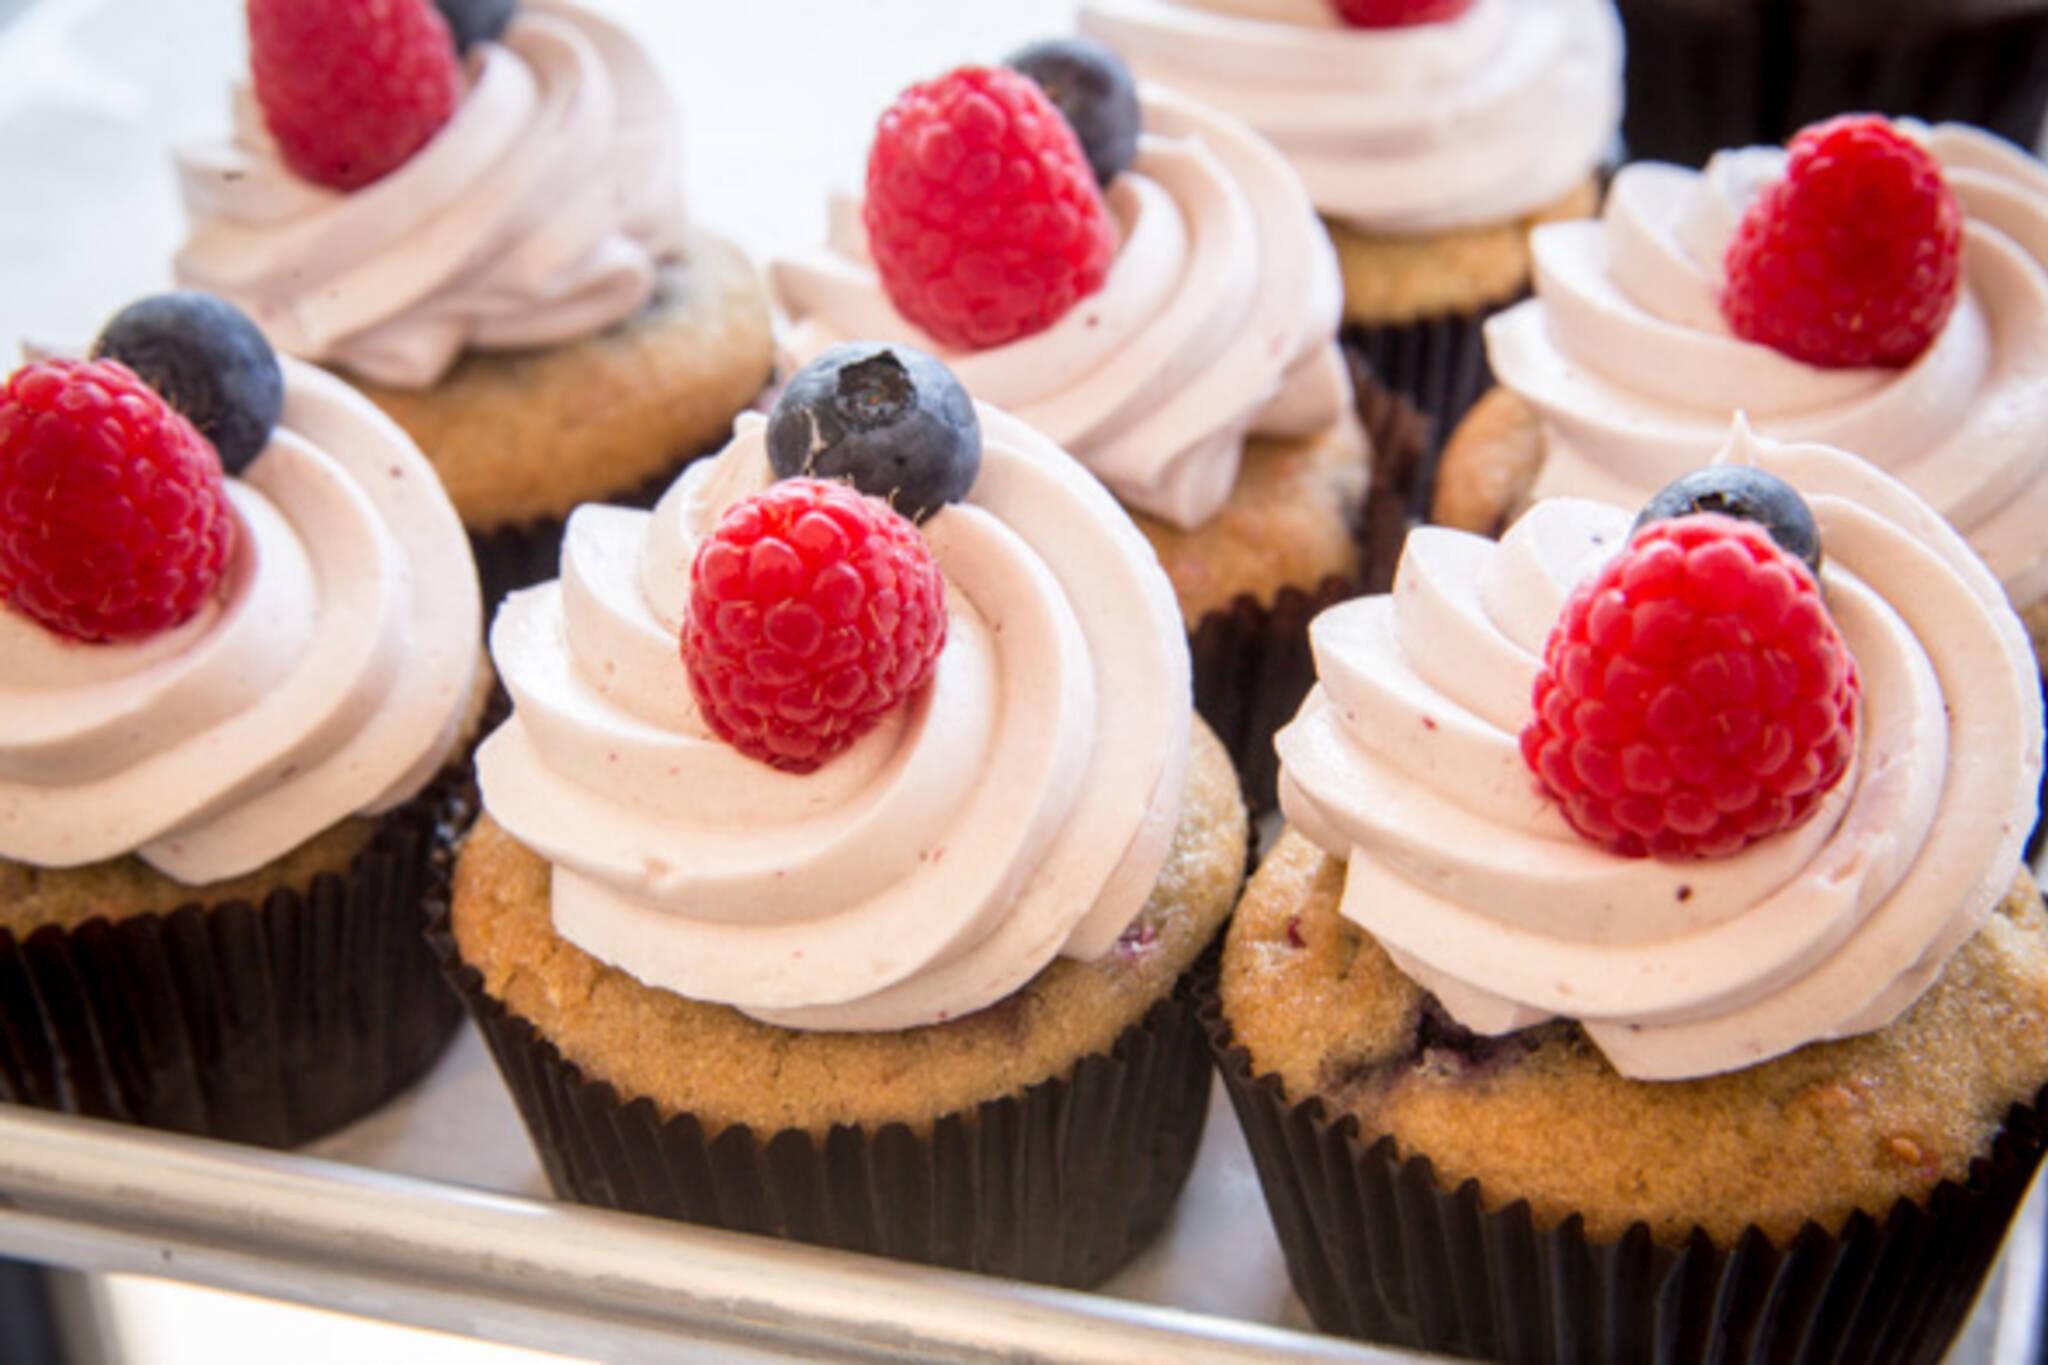 vegan cupcakes toronto